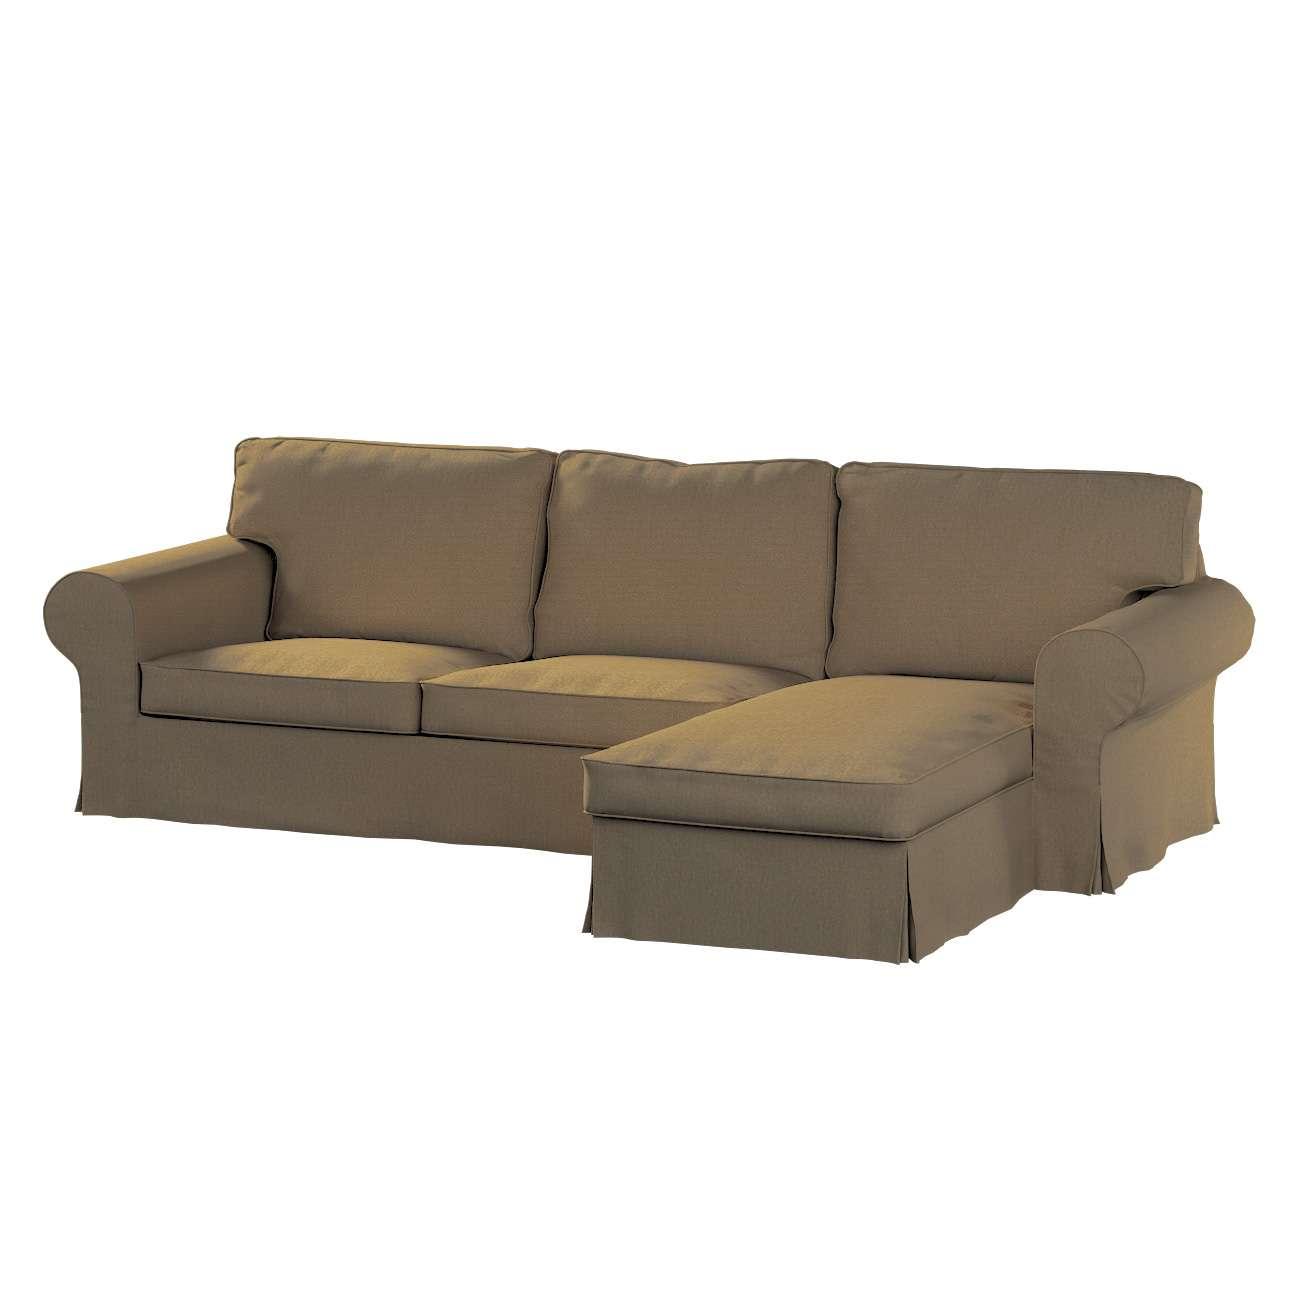 Ektorp dvivietės sofos su gulimuoju krėslu užvalkalas Ikea Ektorp dvivietės sofos su gulimuoju krėslu užvalkalas kolekcijoje Chenille, audinys: 702-21